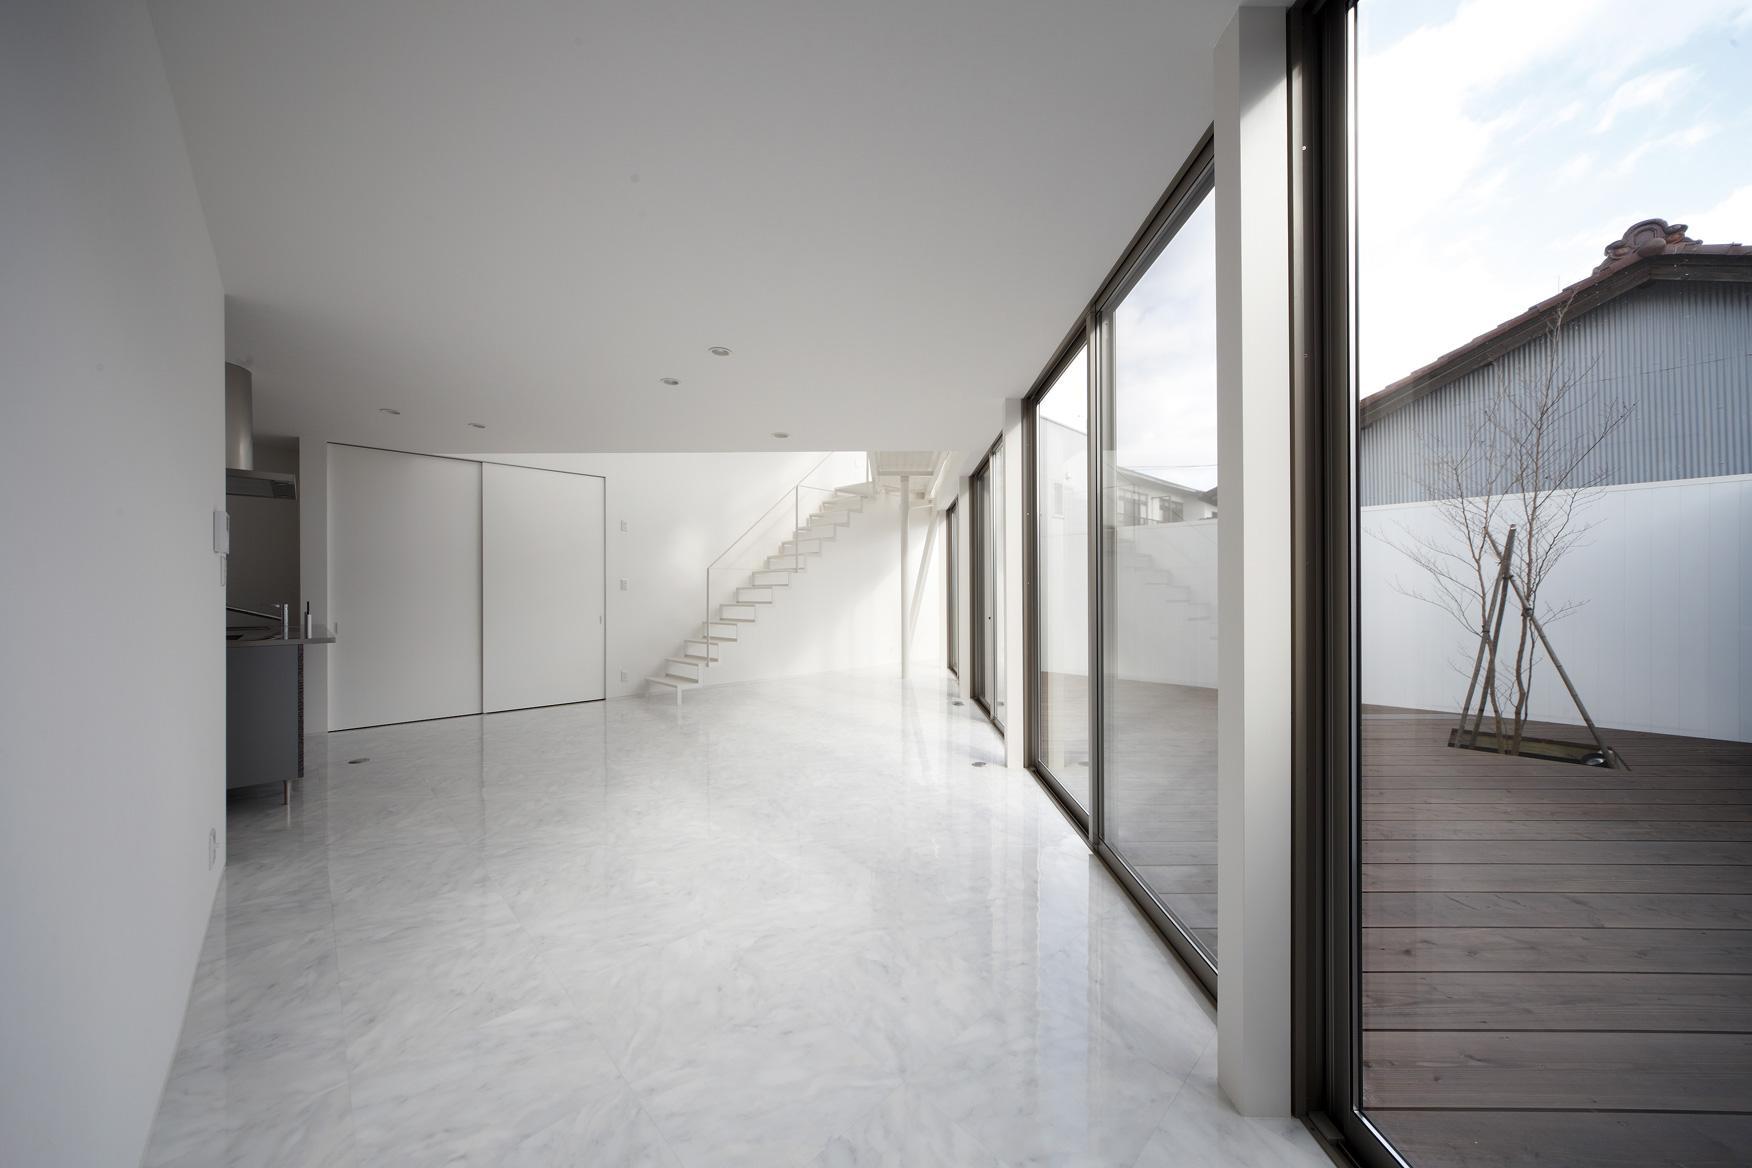 三角プランの家~斜め線で室内と室外に分かれる家~の部屋 リビングとデッキ(撮影:加斗タカオ)